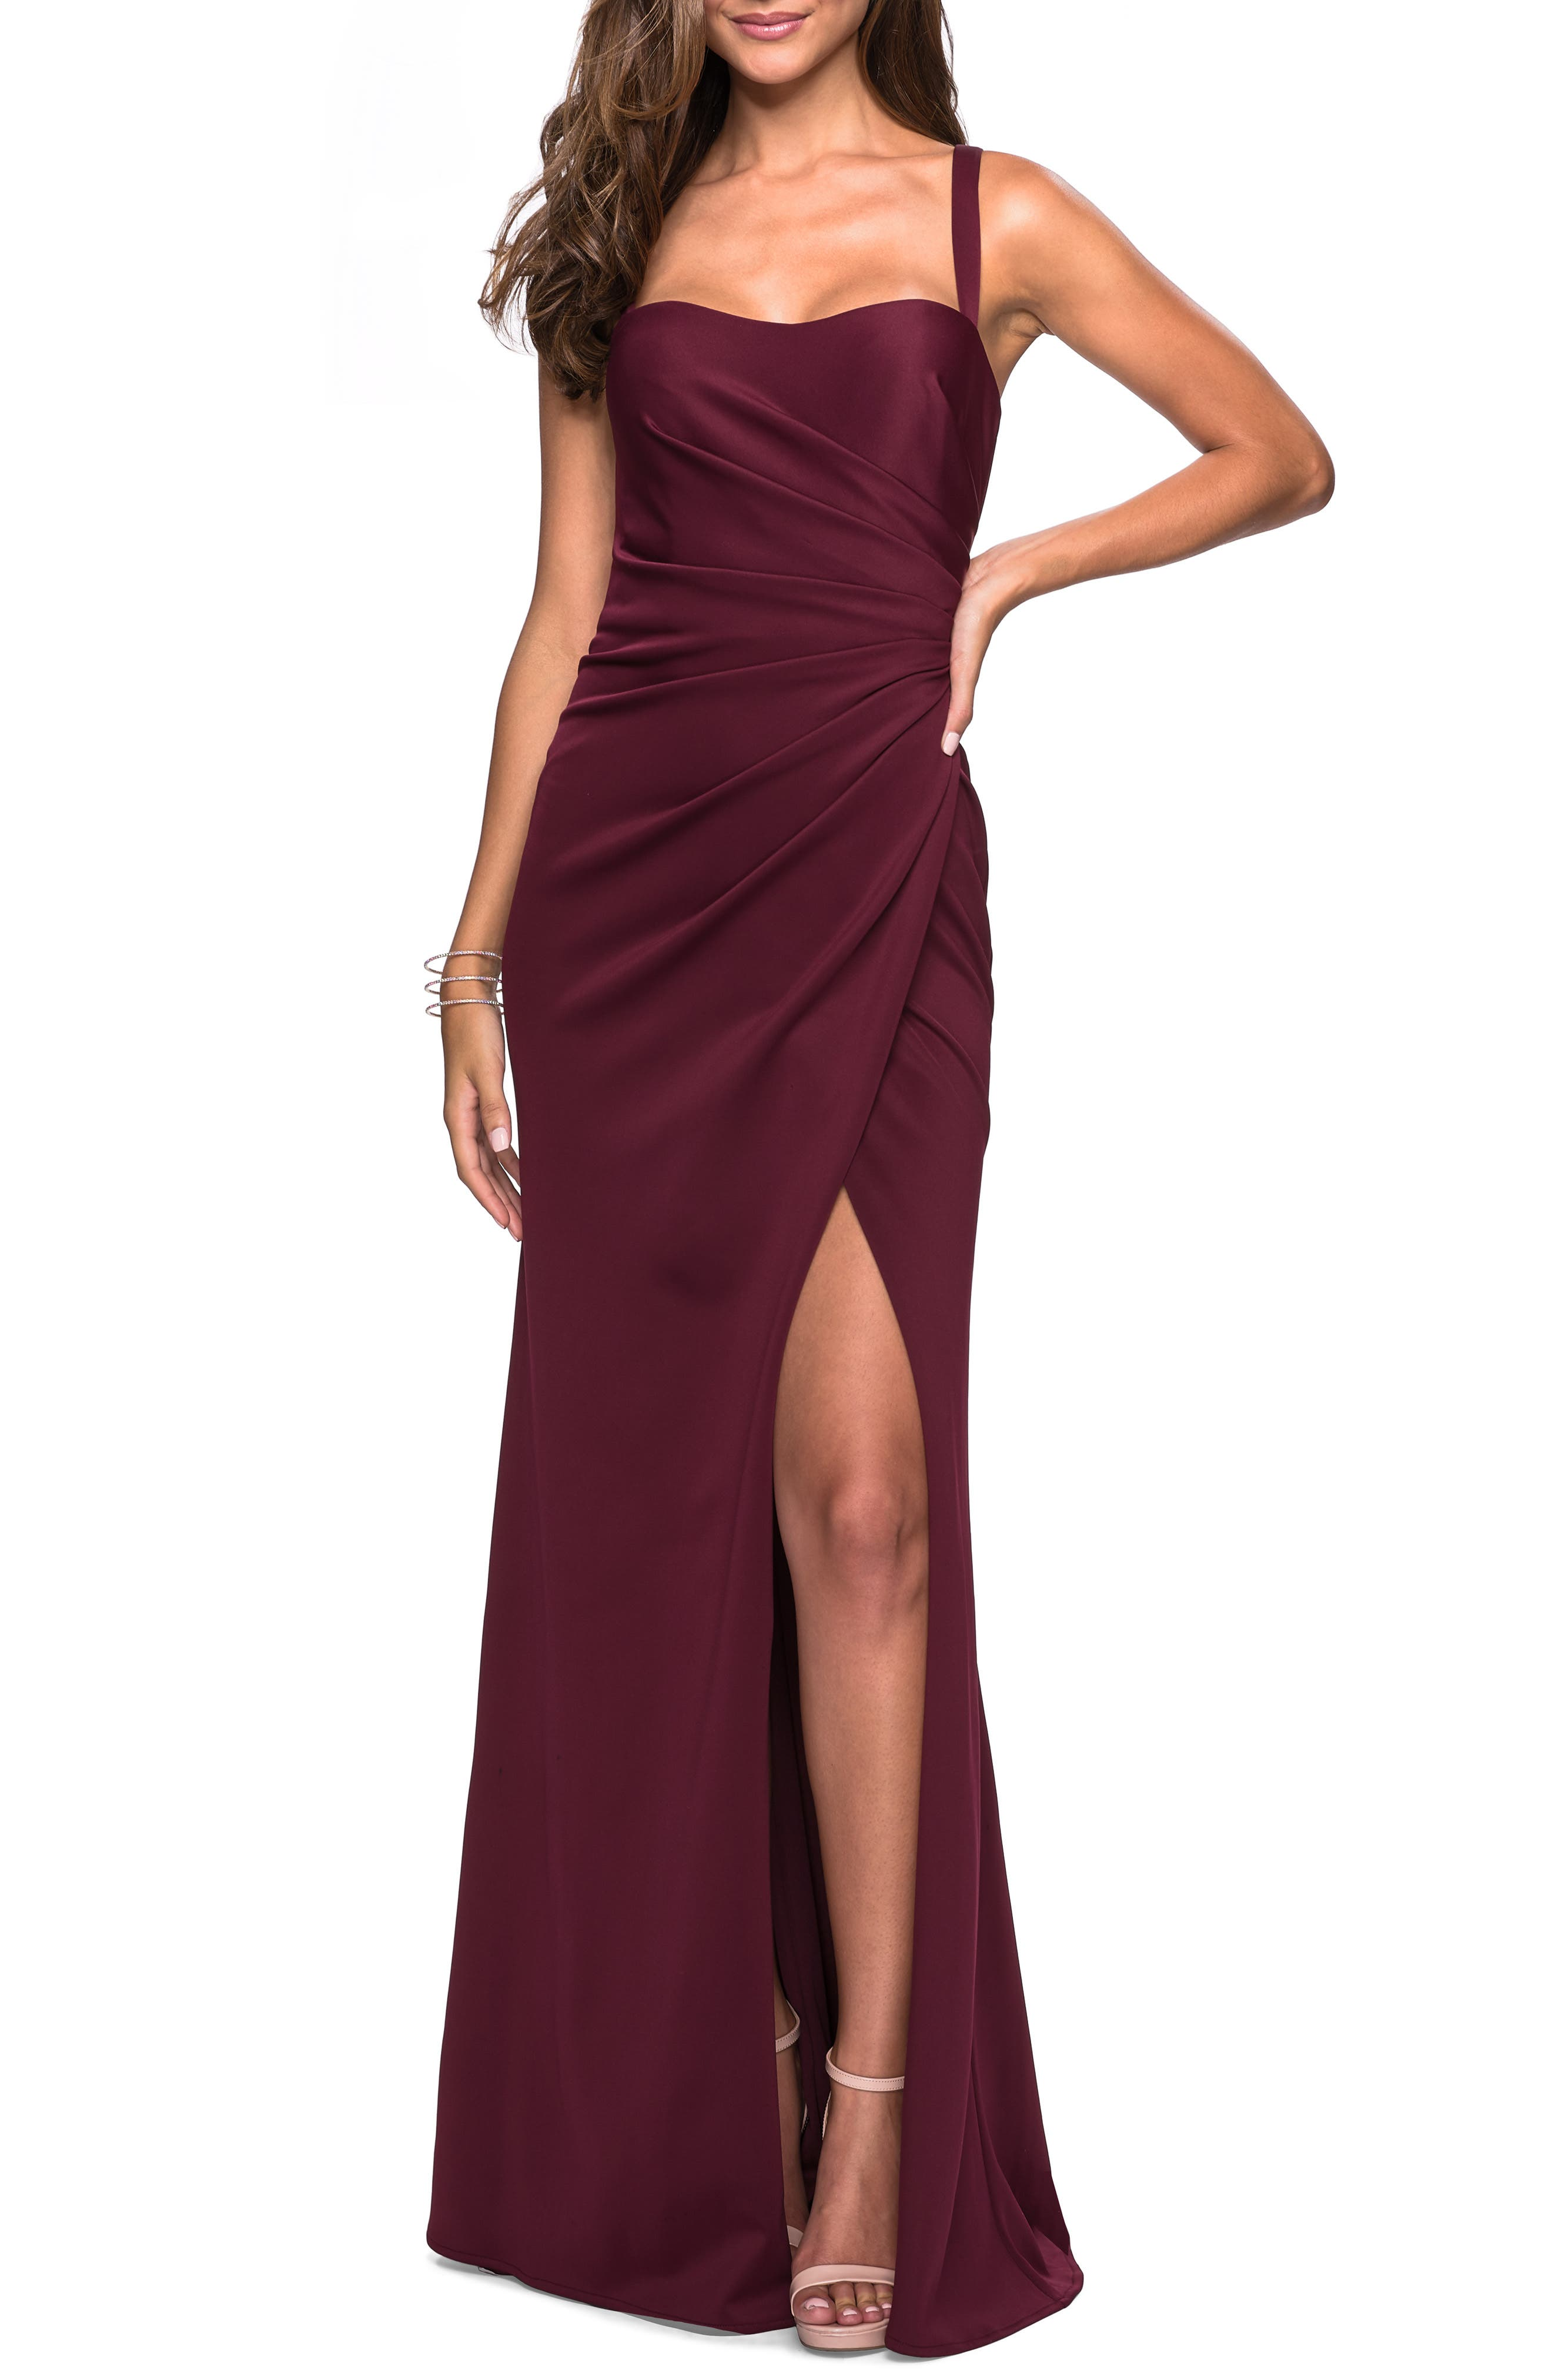 La Femme Ruched Soft Jersey Evening Dress, Burgundy